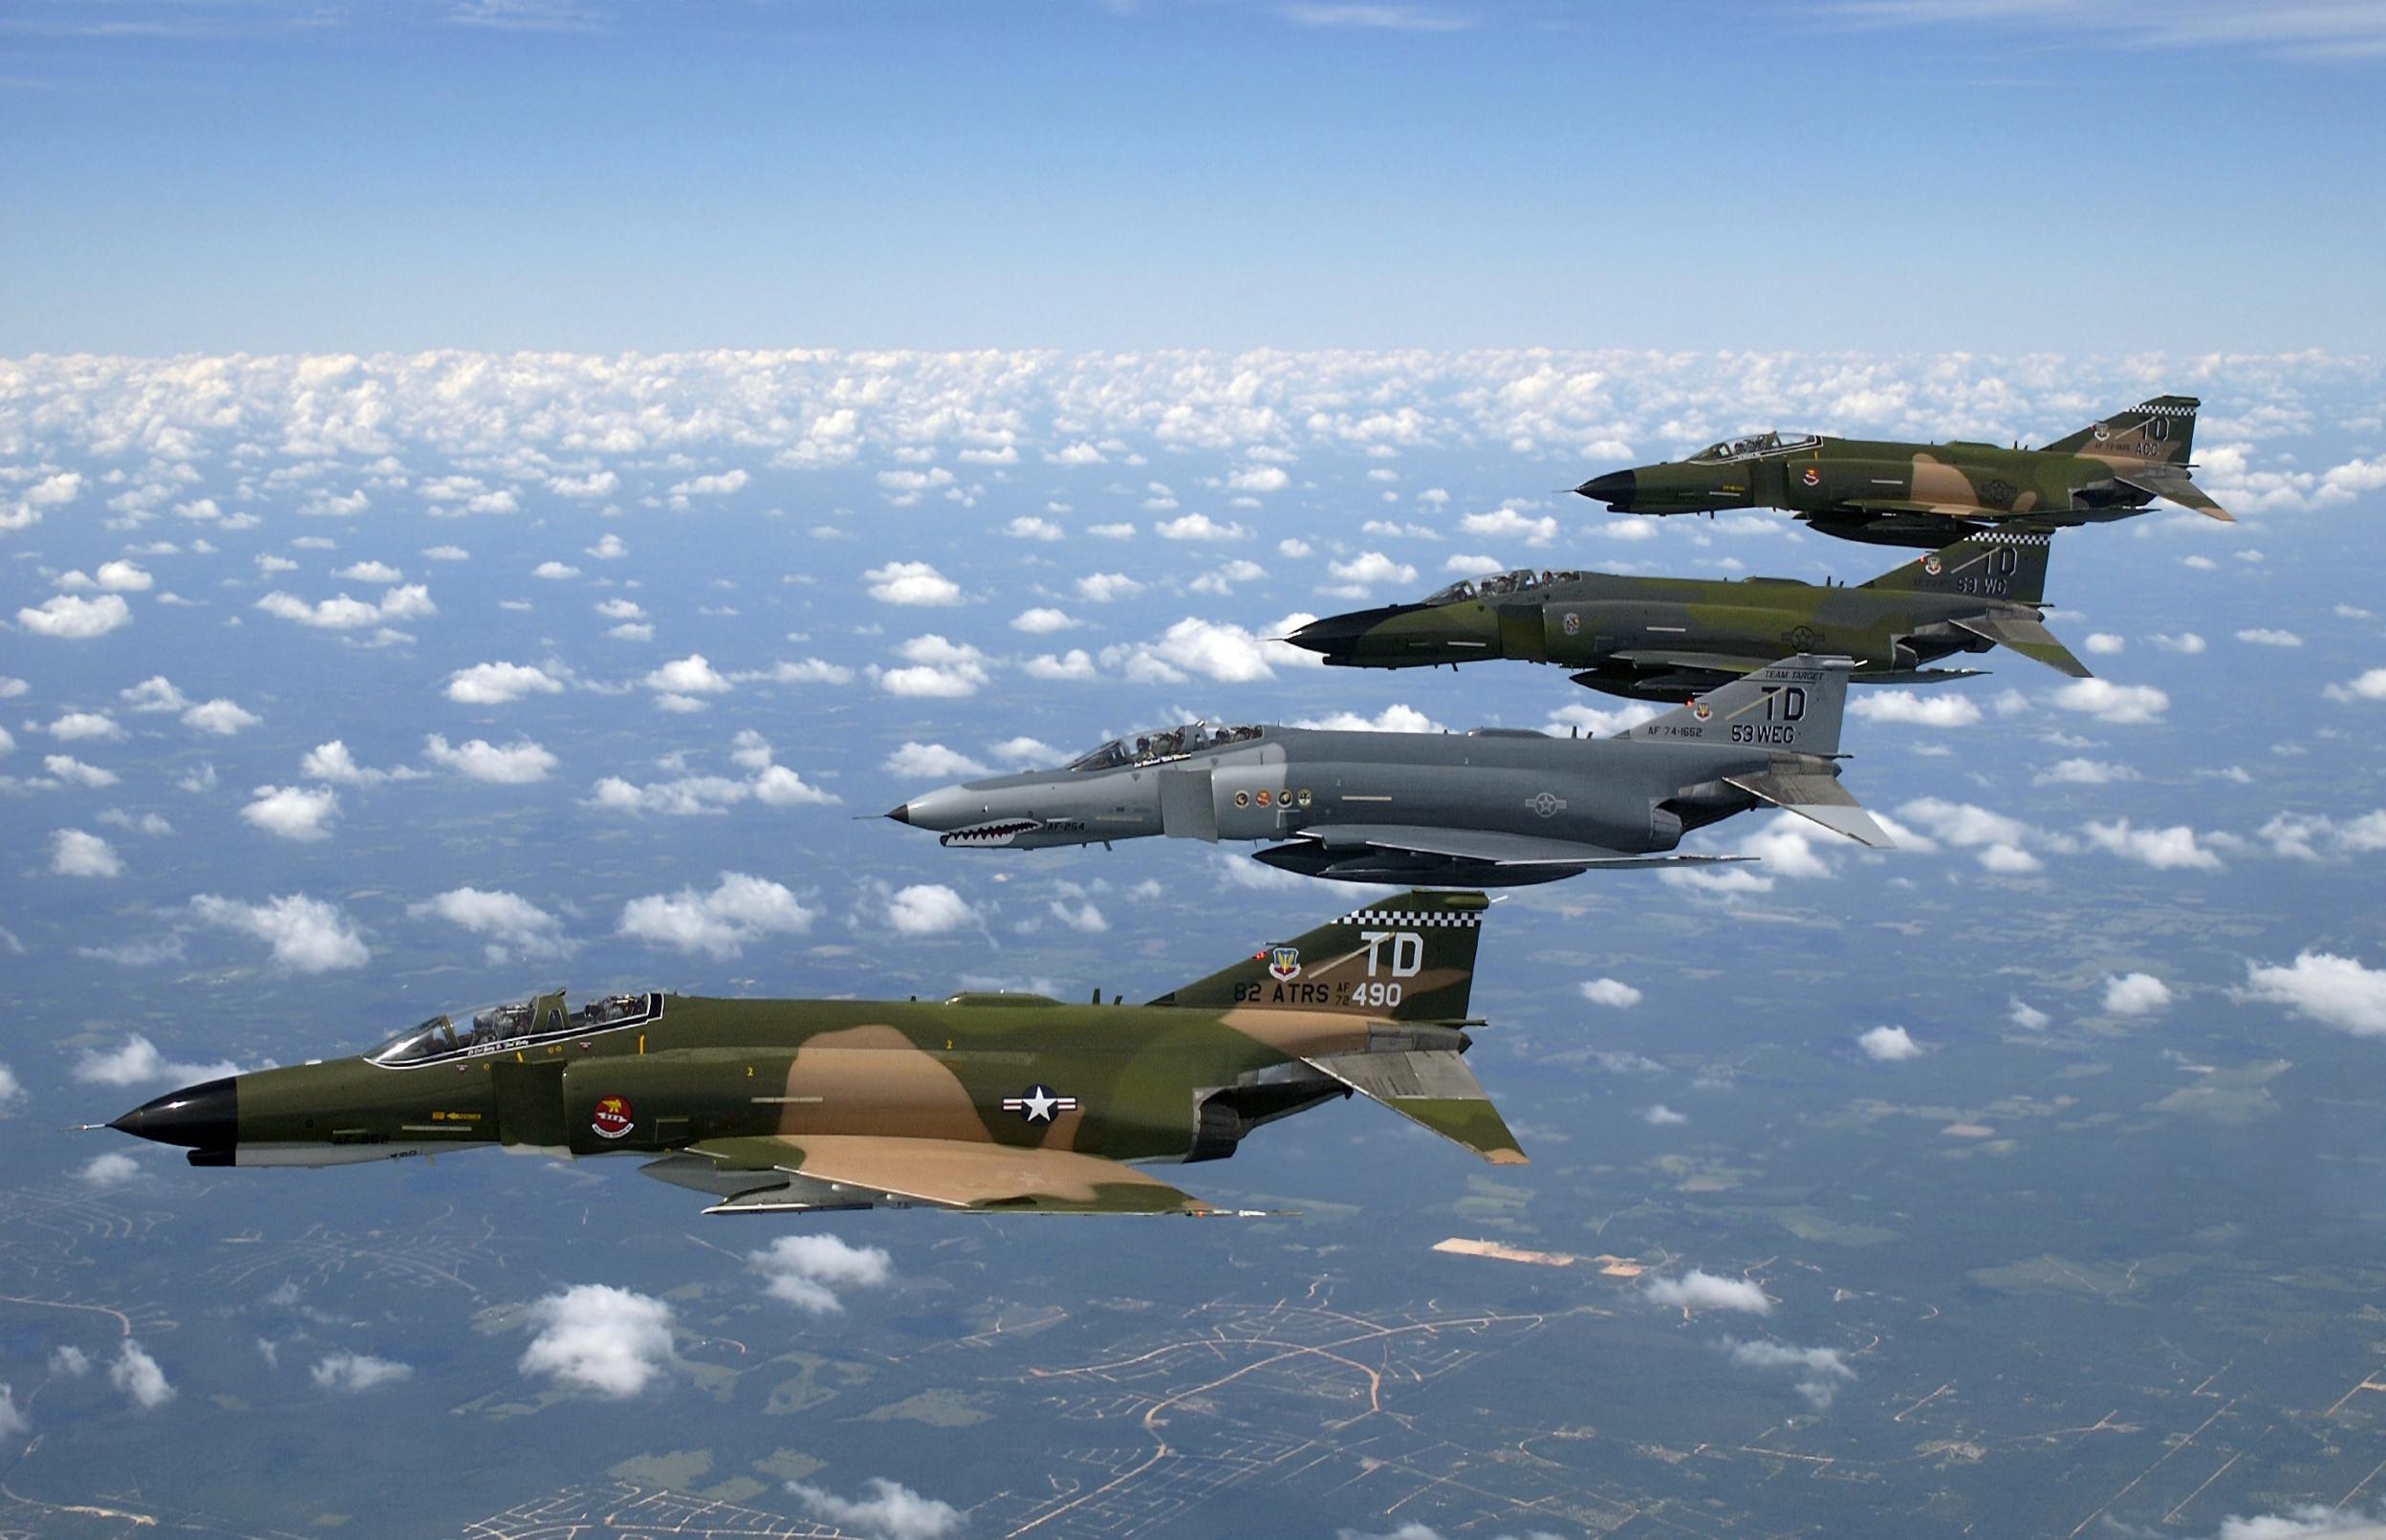 Düşen Uçaklarda İsrail Şüphesi